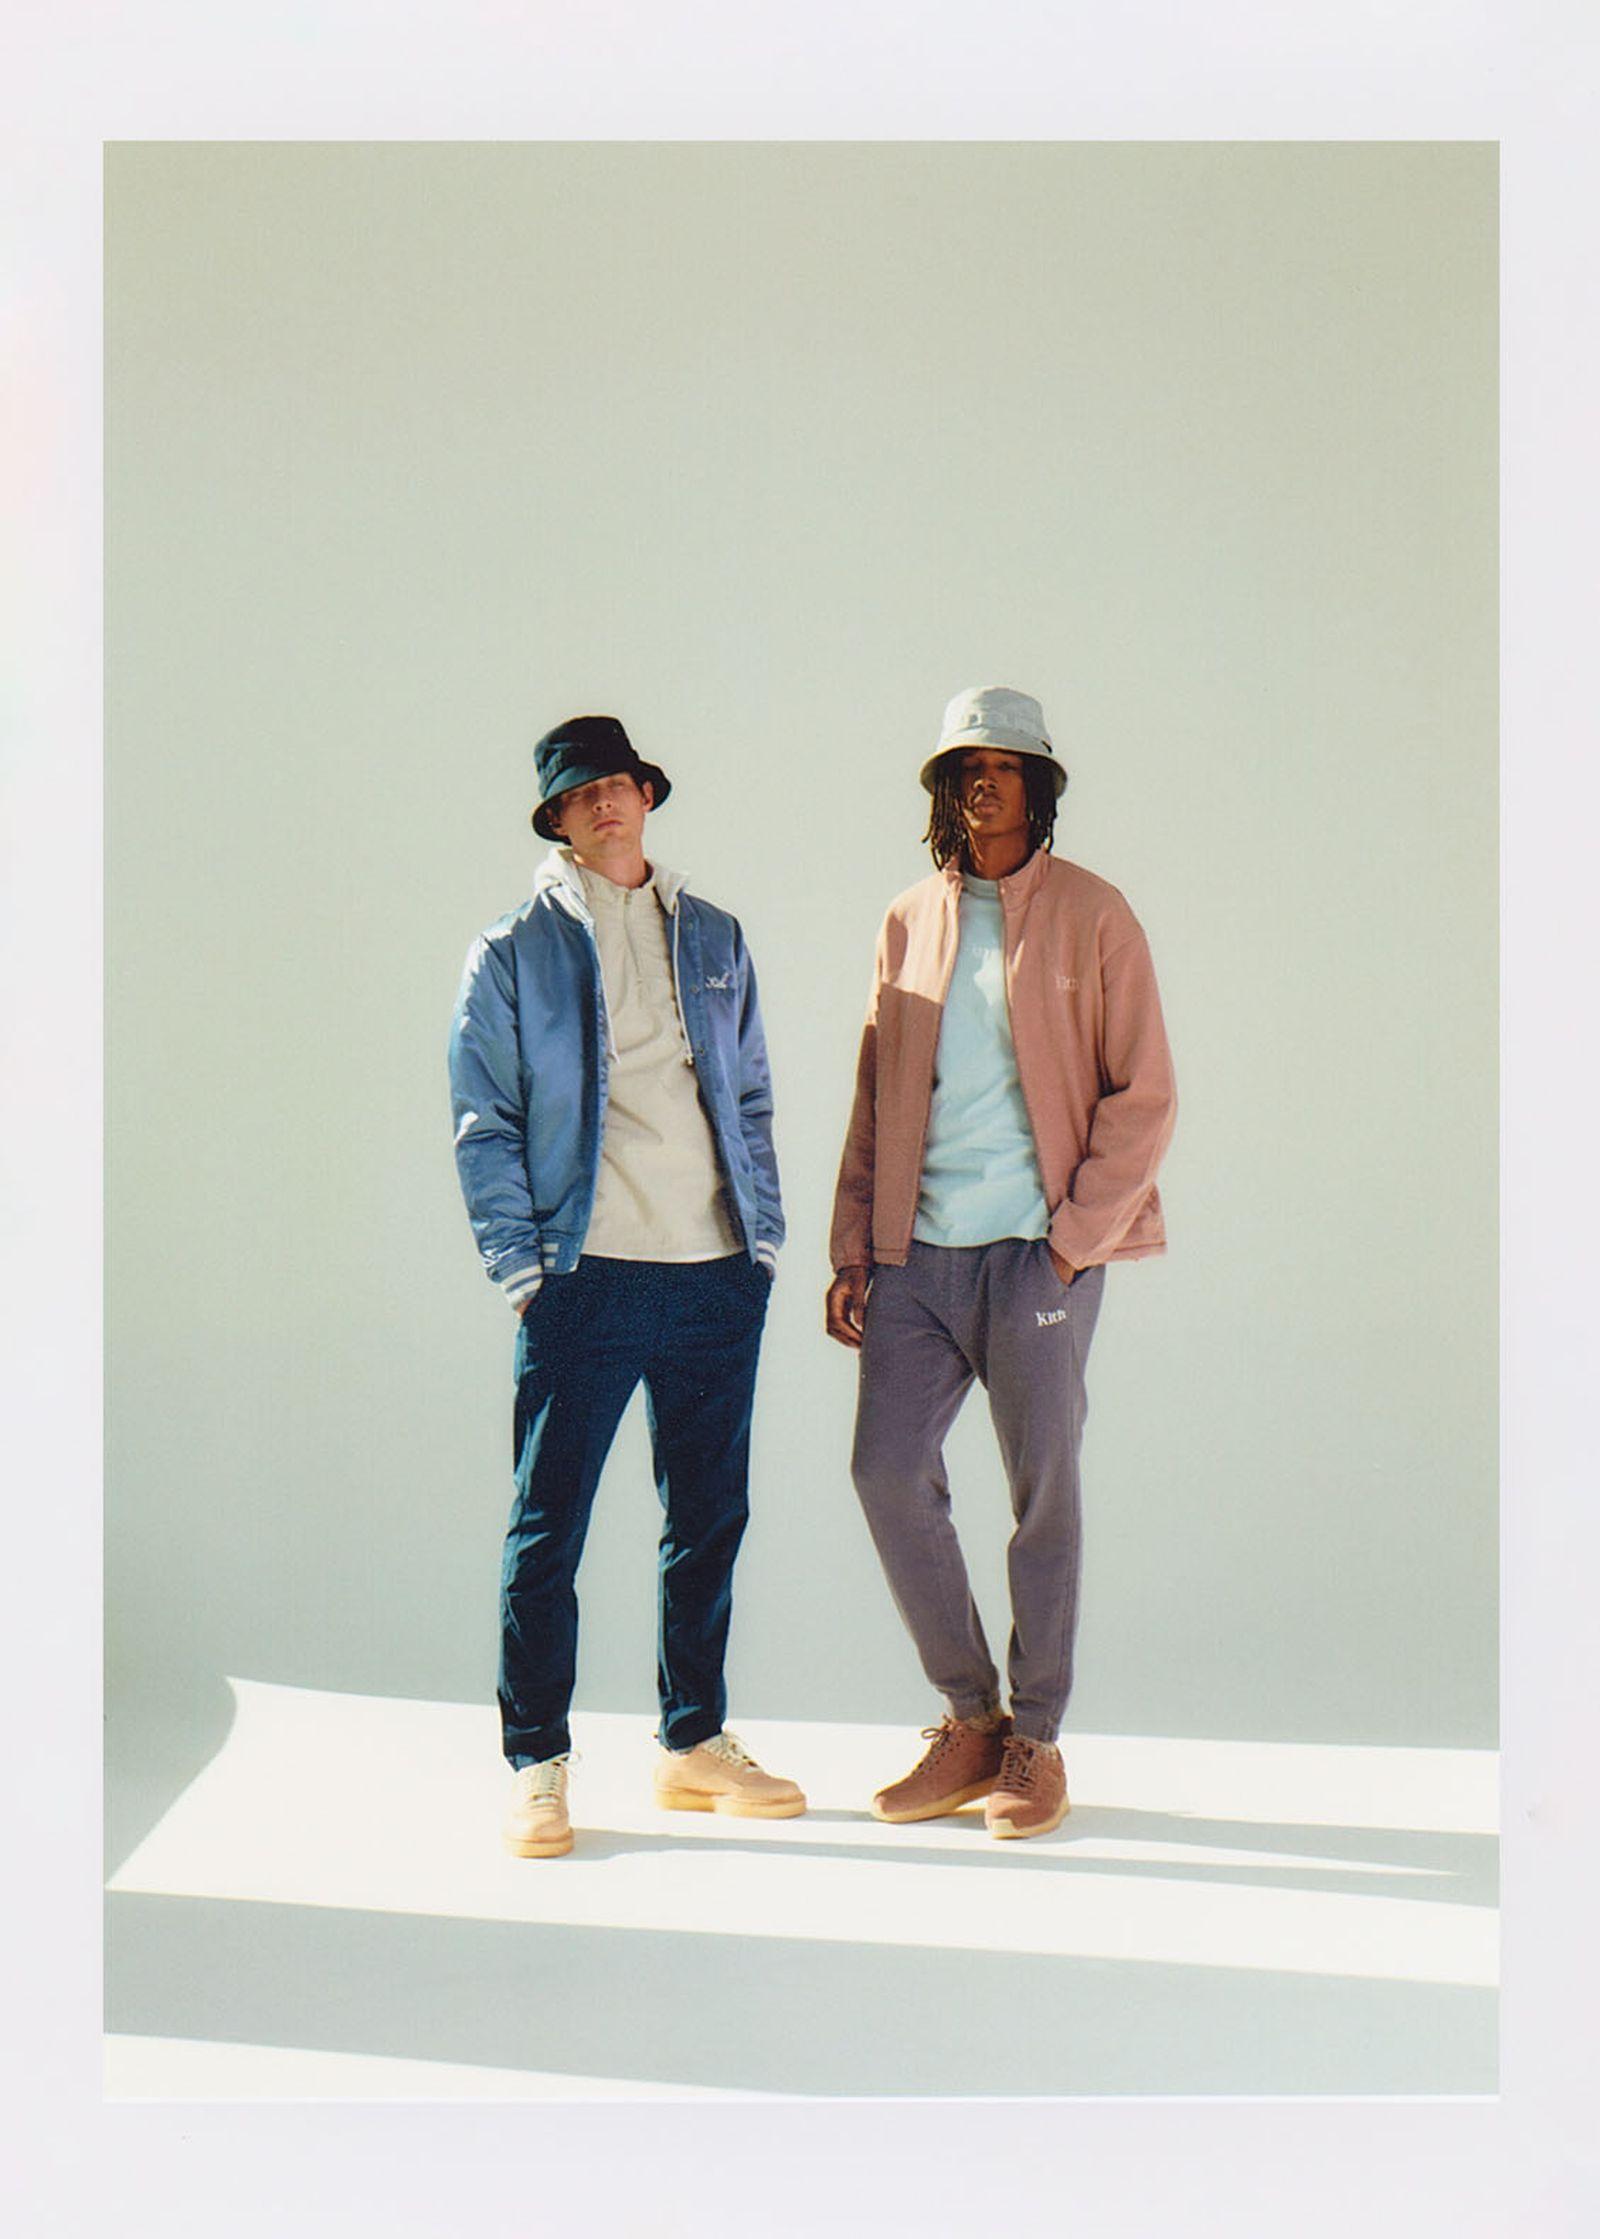 ronnie-fieg-clarks-originals-8th-street-lookbook-13